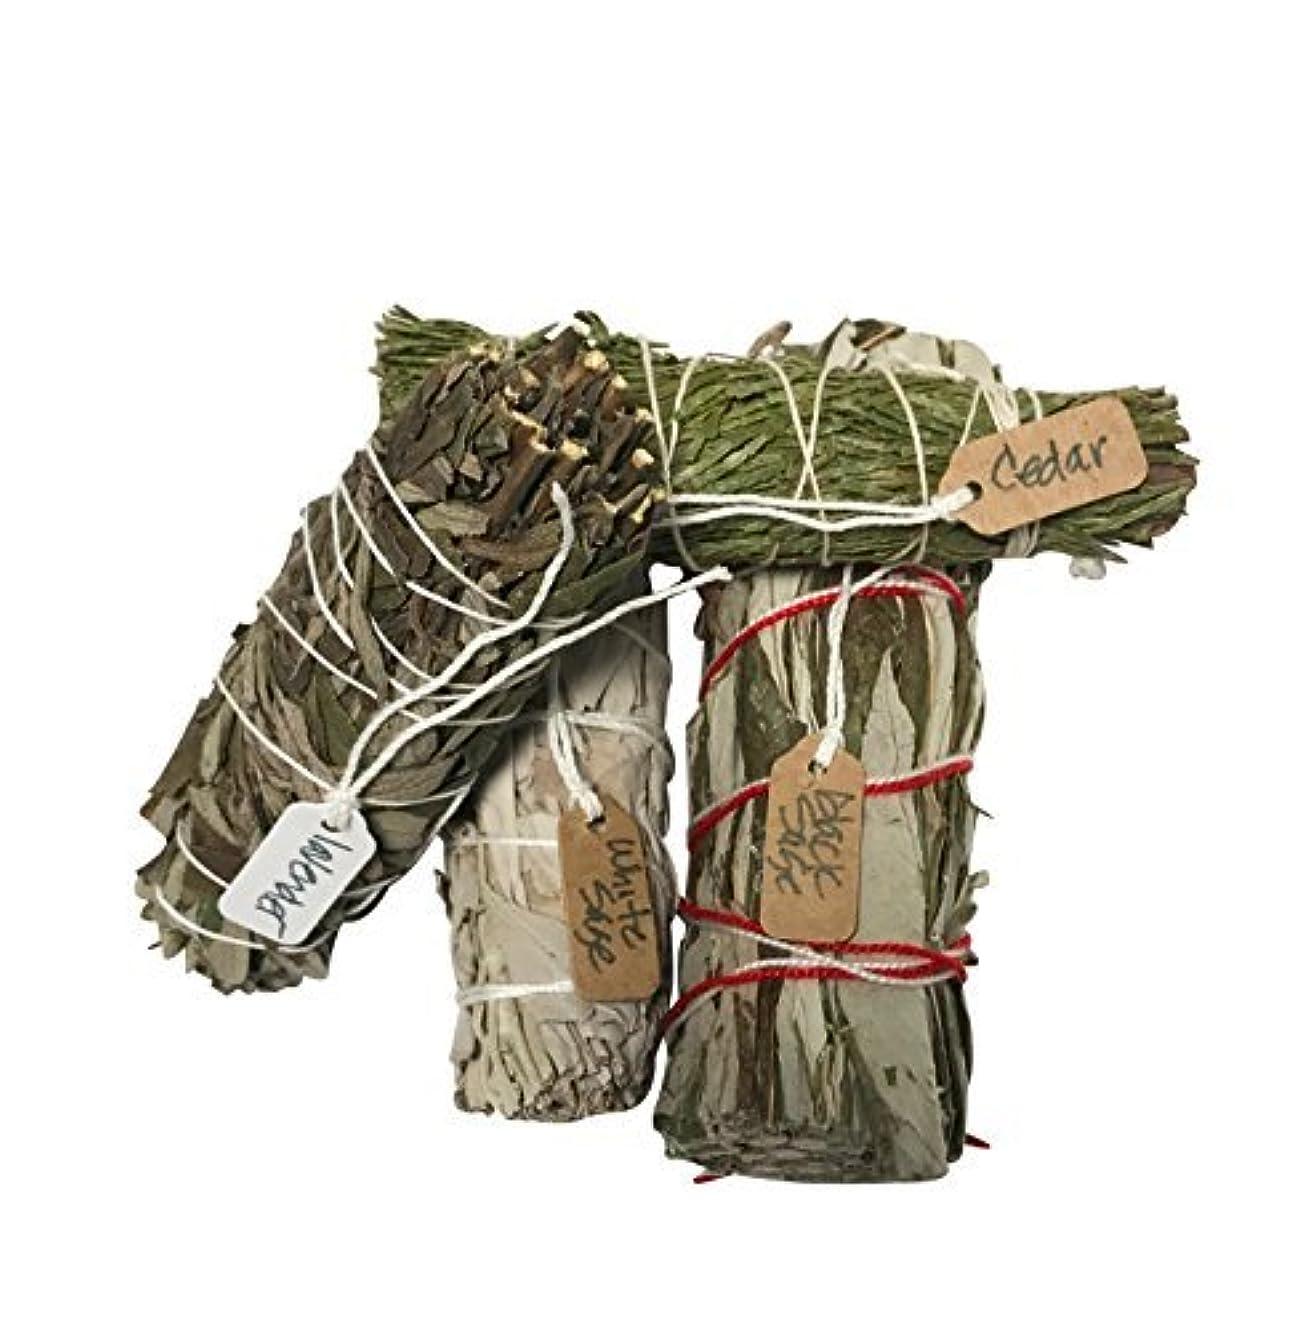 芸術引くかわいらしいさまざまなSmudge Sticksサンプル最高級のための機会ホワイトセージ、ラベンダー、杉、ブラックセージ1つの各4 Inches Long。